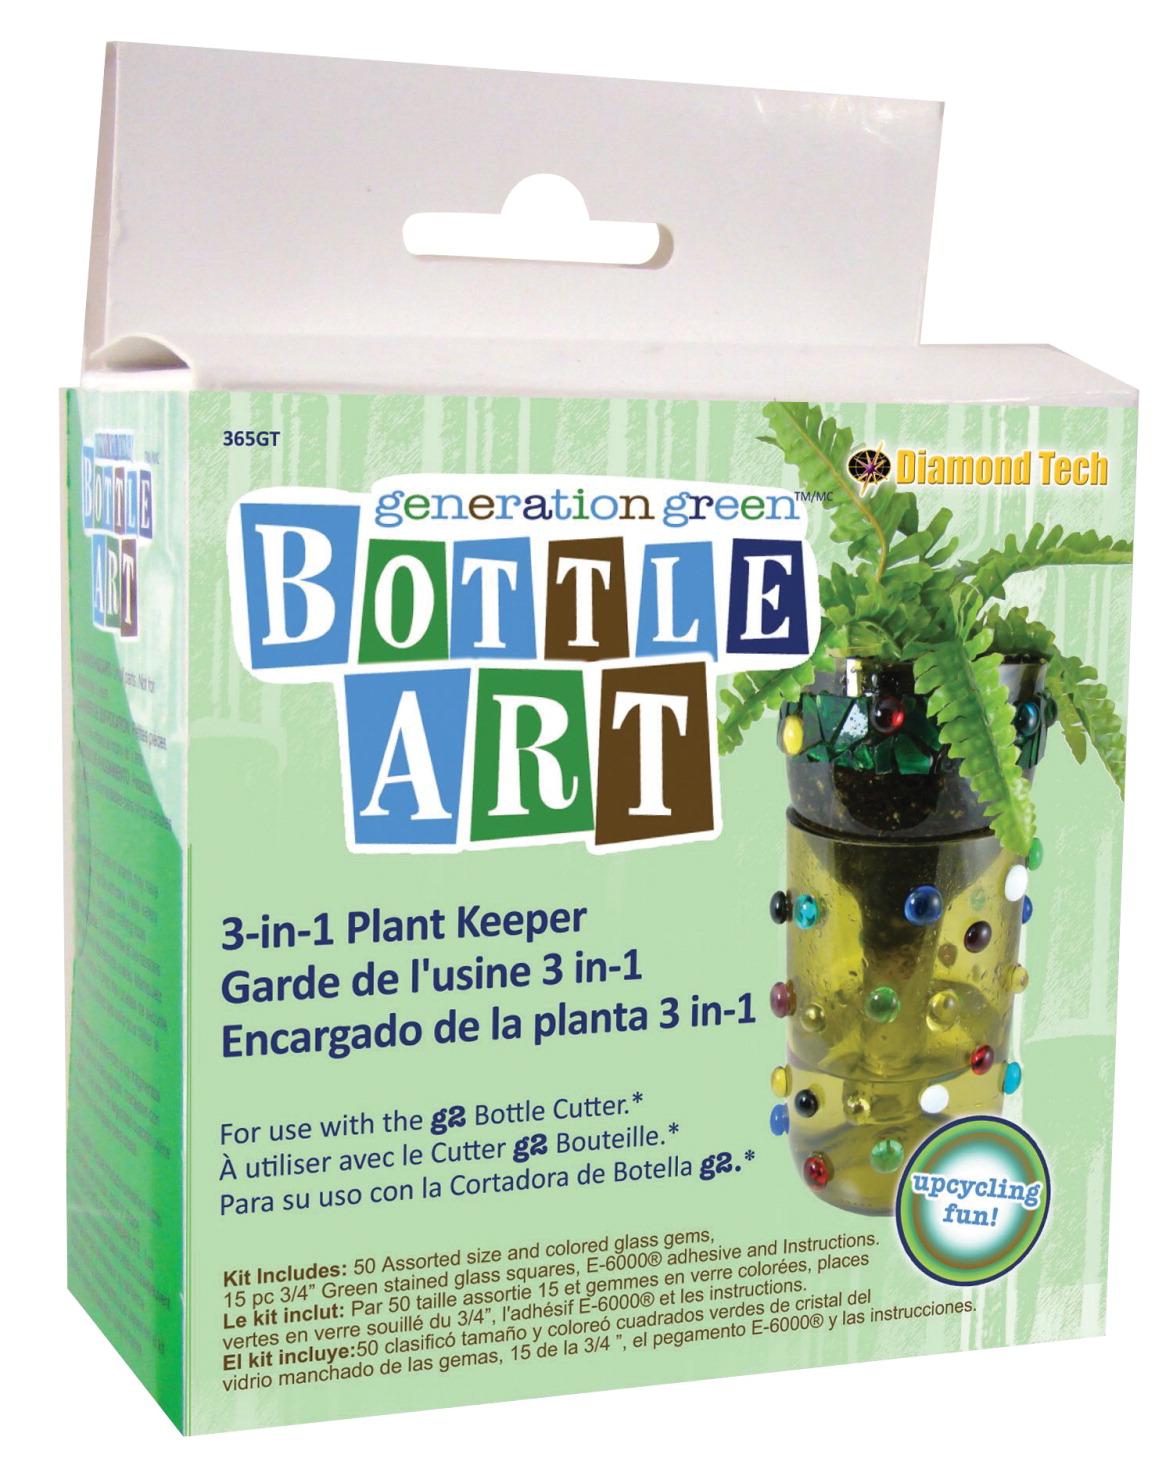 Bottle art plant keeper kit school specialty marketplace for Generation green bottle cutter